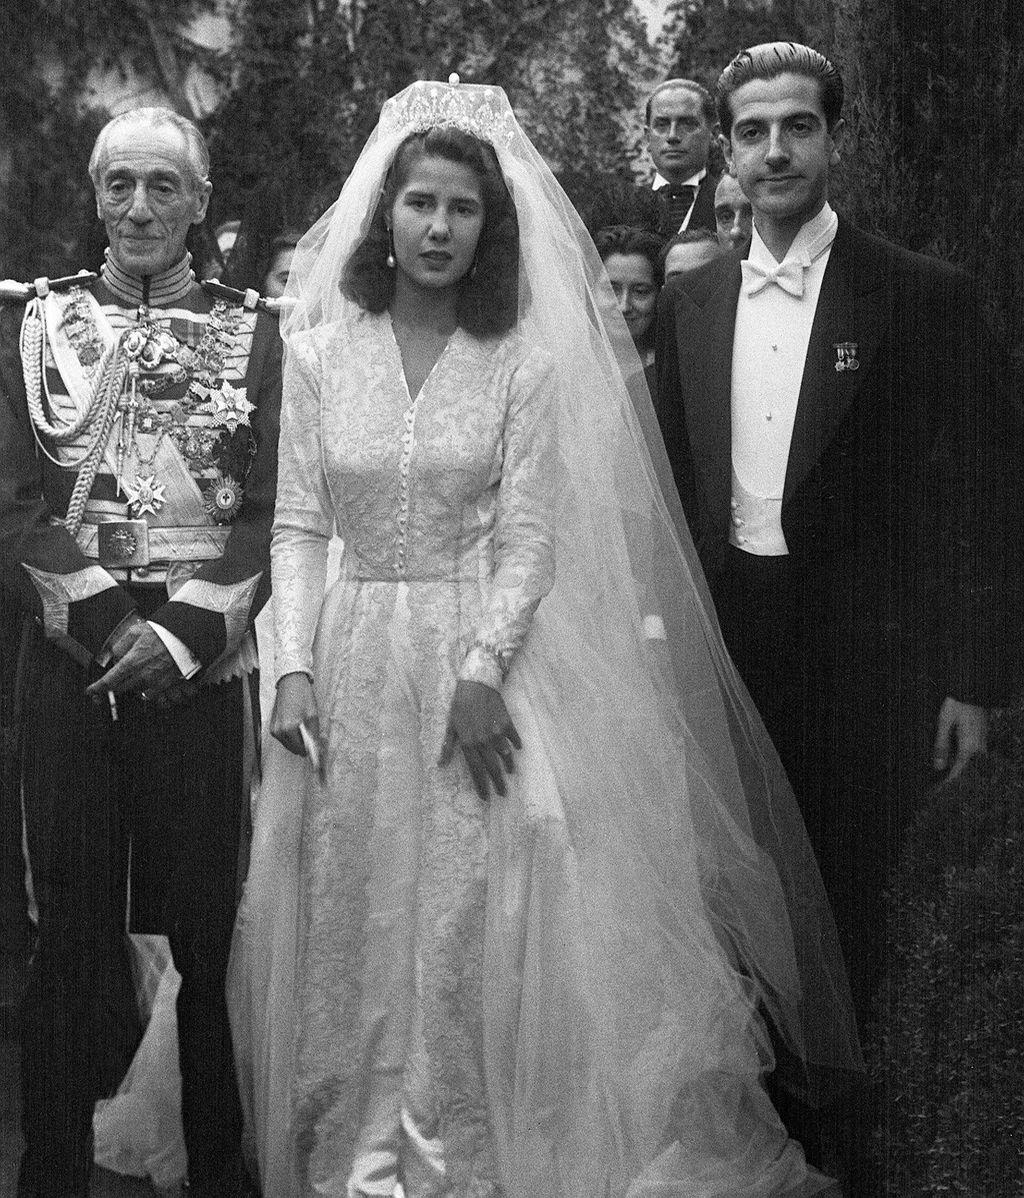 La duquesa de Alba se casa en 1947 con Luis Martínez de Irujo y Artacoz